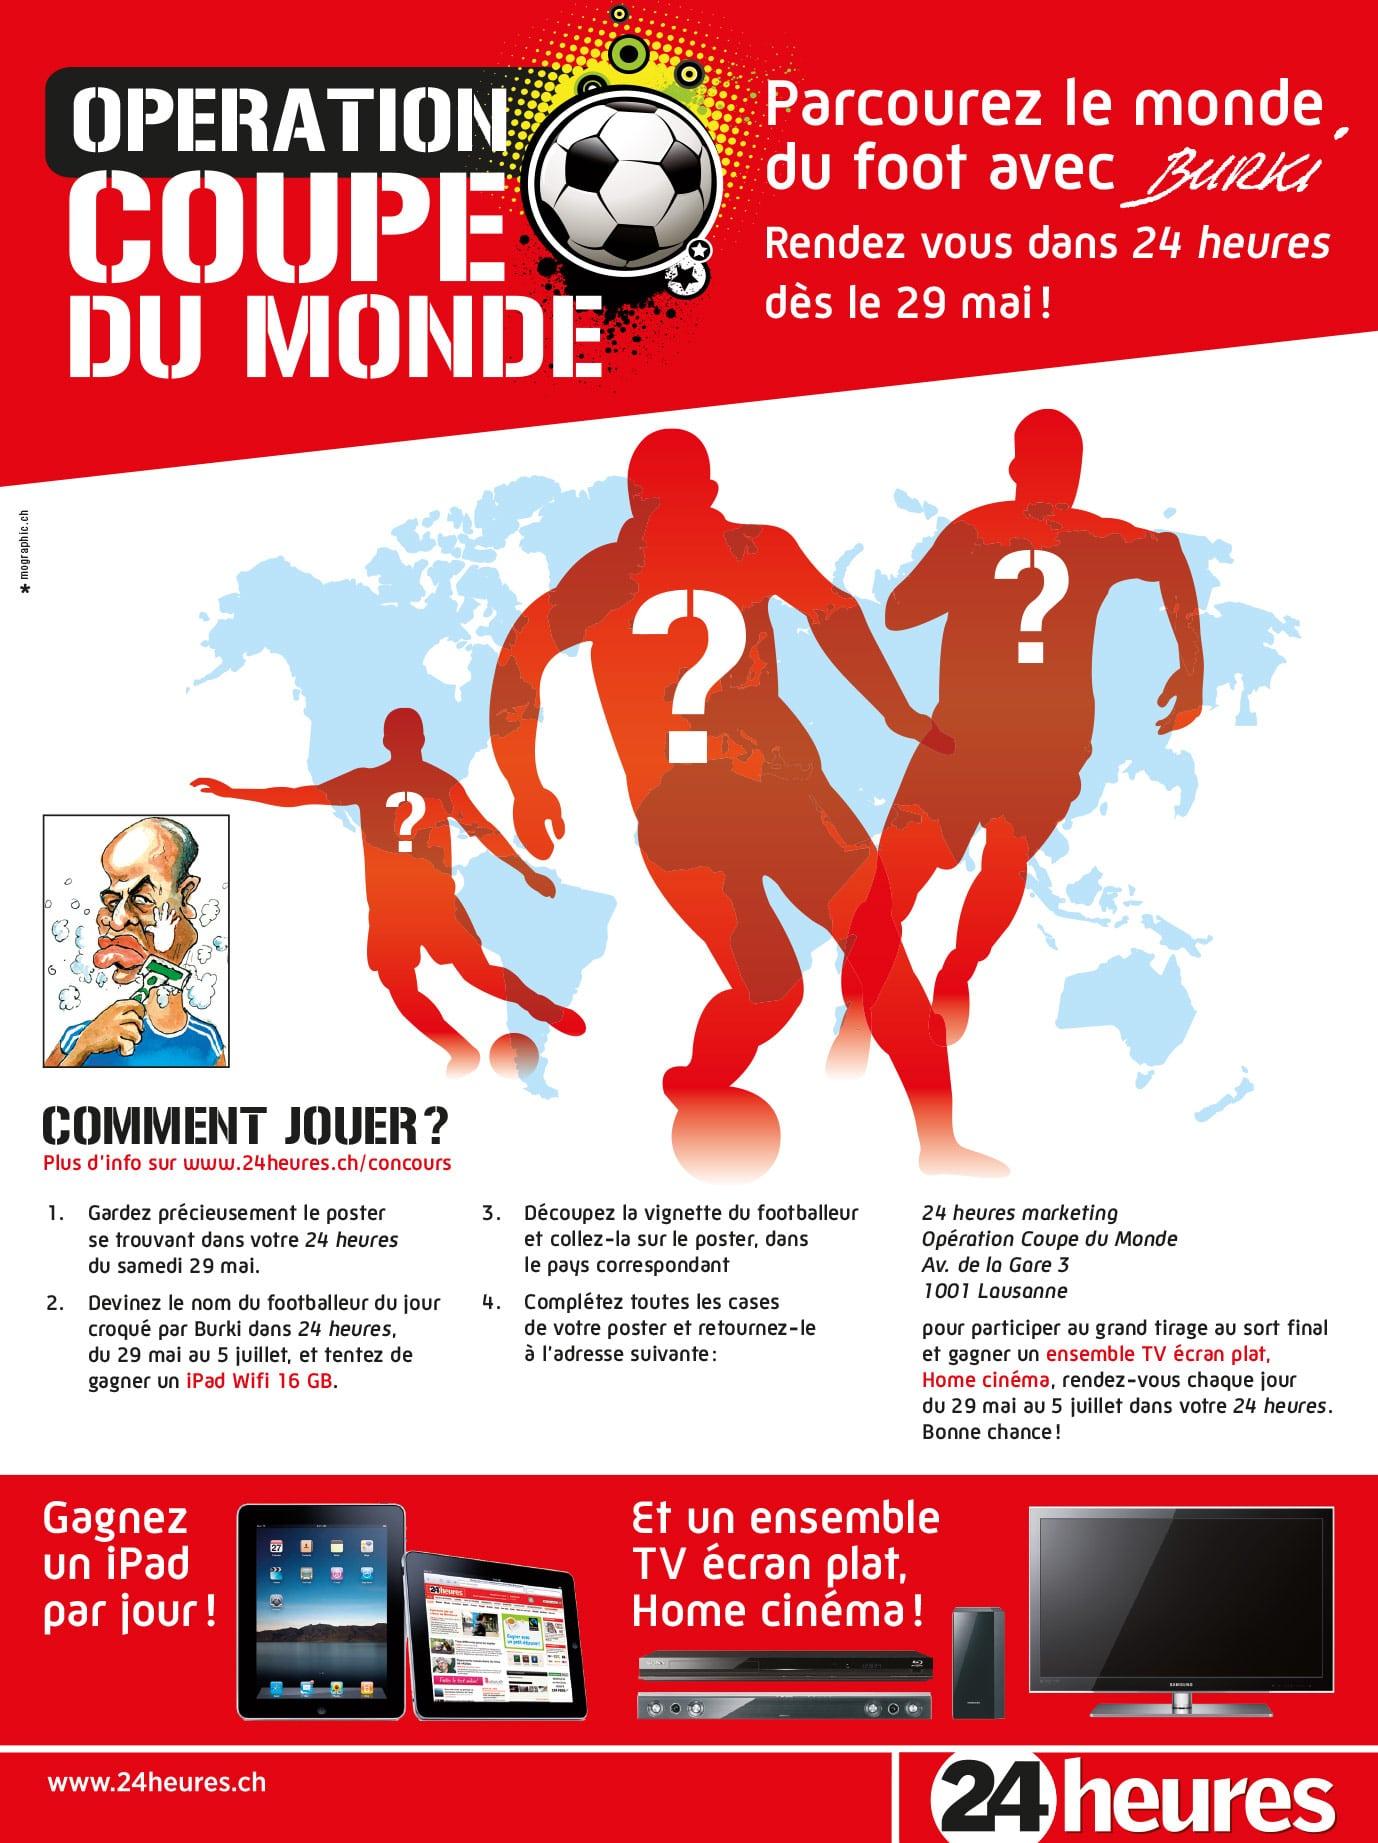 24 heures / Opération Coupe du Monde - Concours